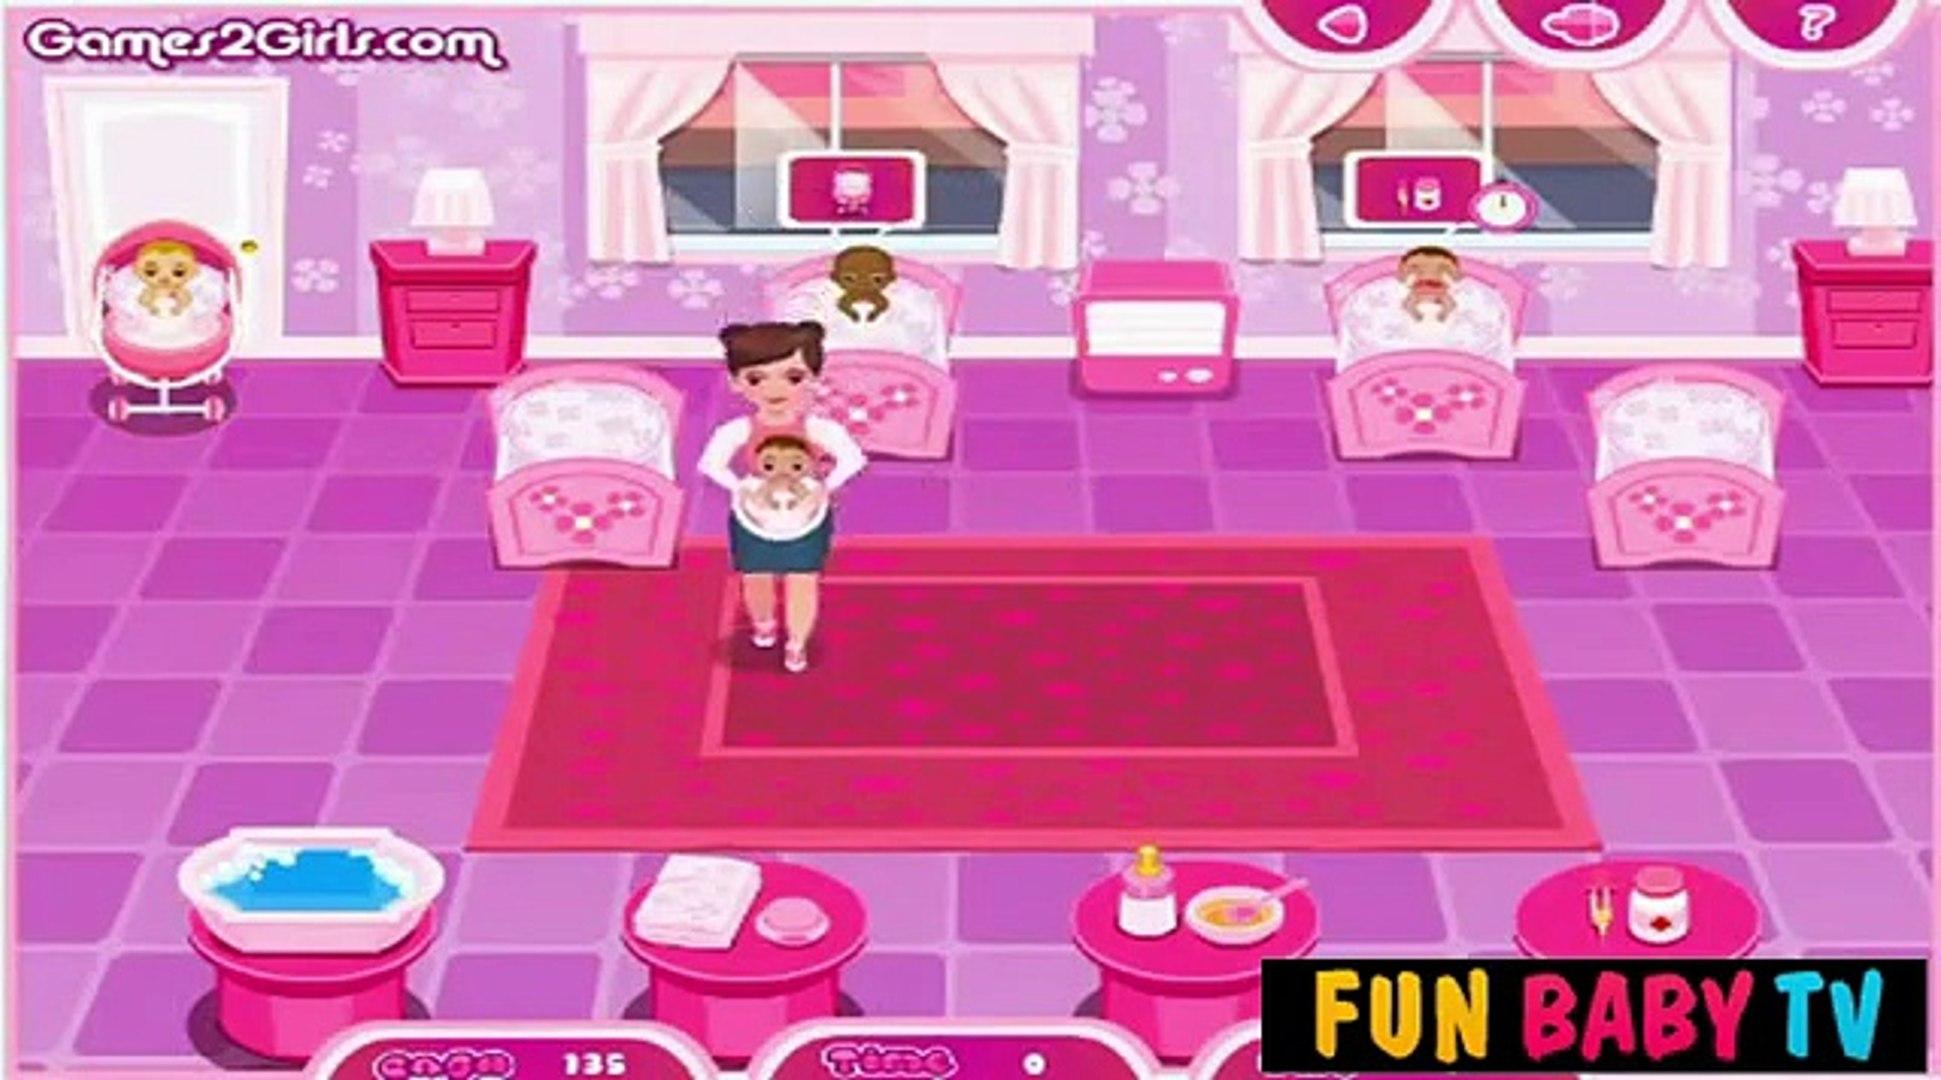 Fun Baby Care Kids Games : Pet toilet training, baby care games, pet doctor games